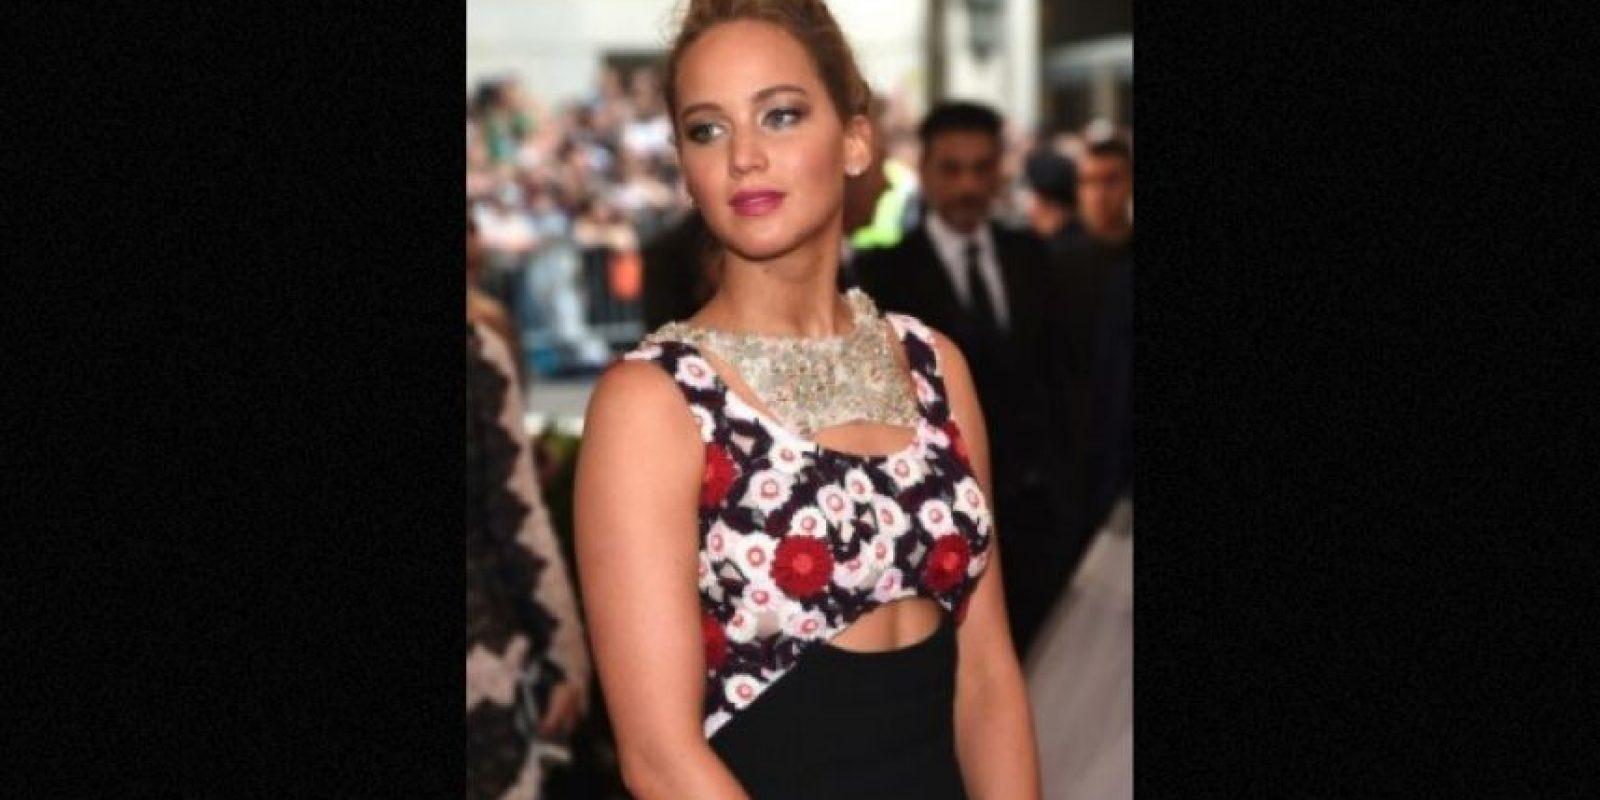 En 2013, luego de caer en el escenario de los premios Oscar, la actriz fue captada en Hawai mientras bebía vino y fumaba un cigarro de marihuana. Foto:Getty Images